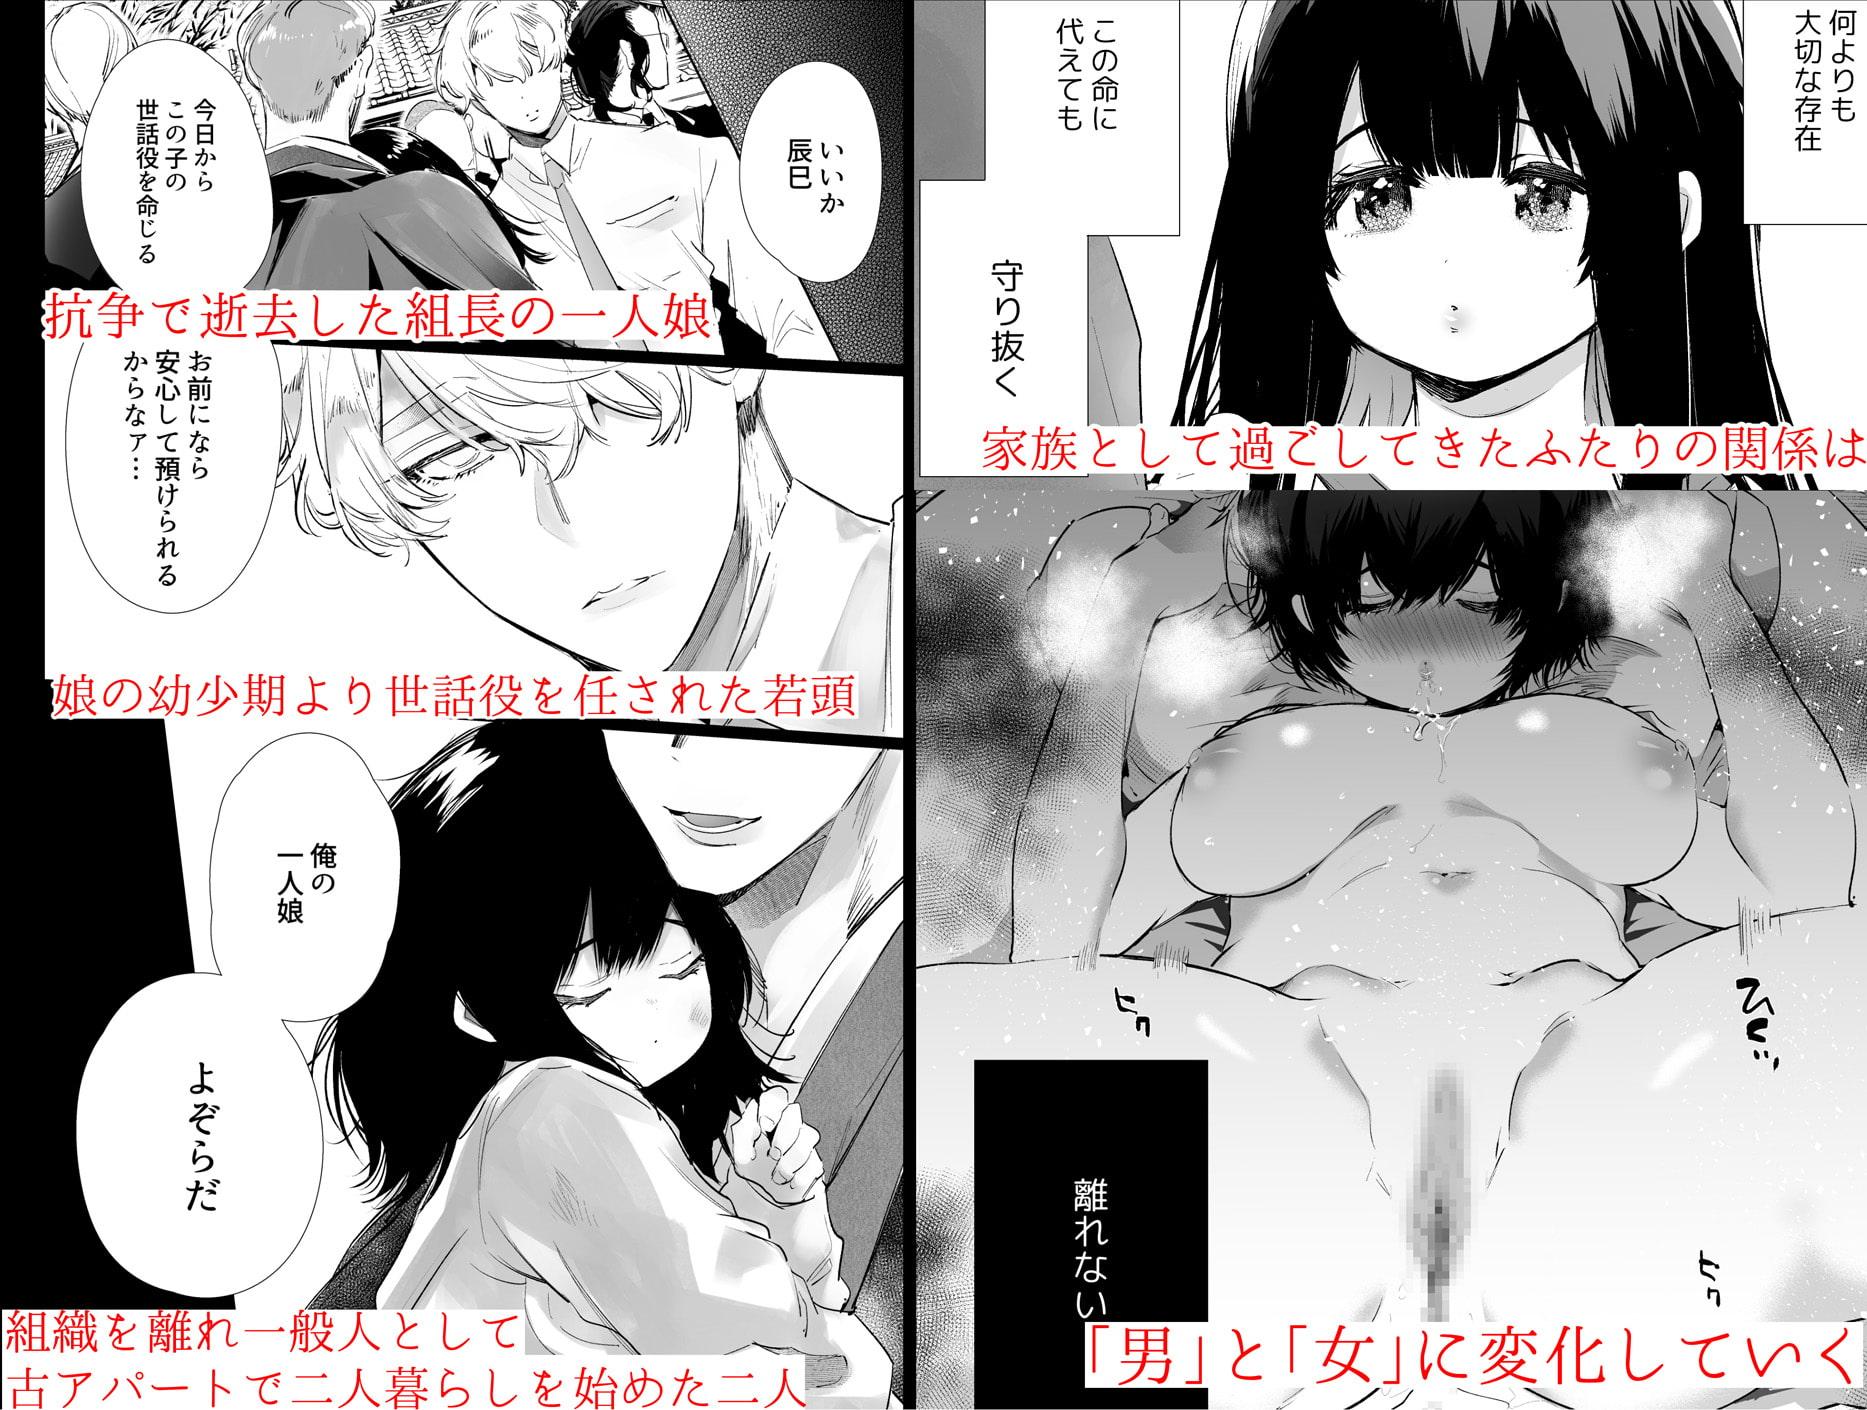 ヤクザと女子校生の超人気TL漫画…2